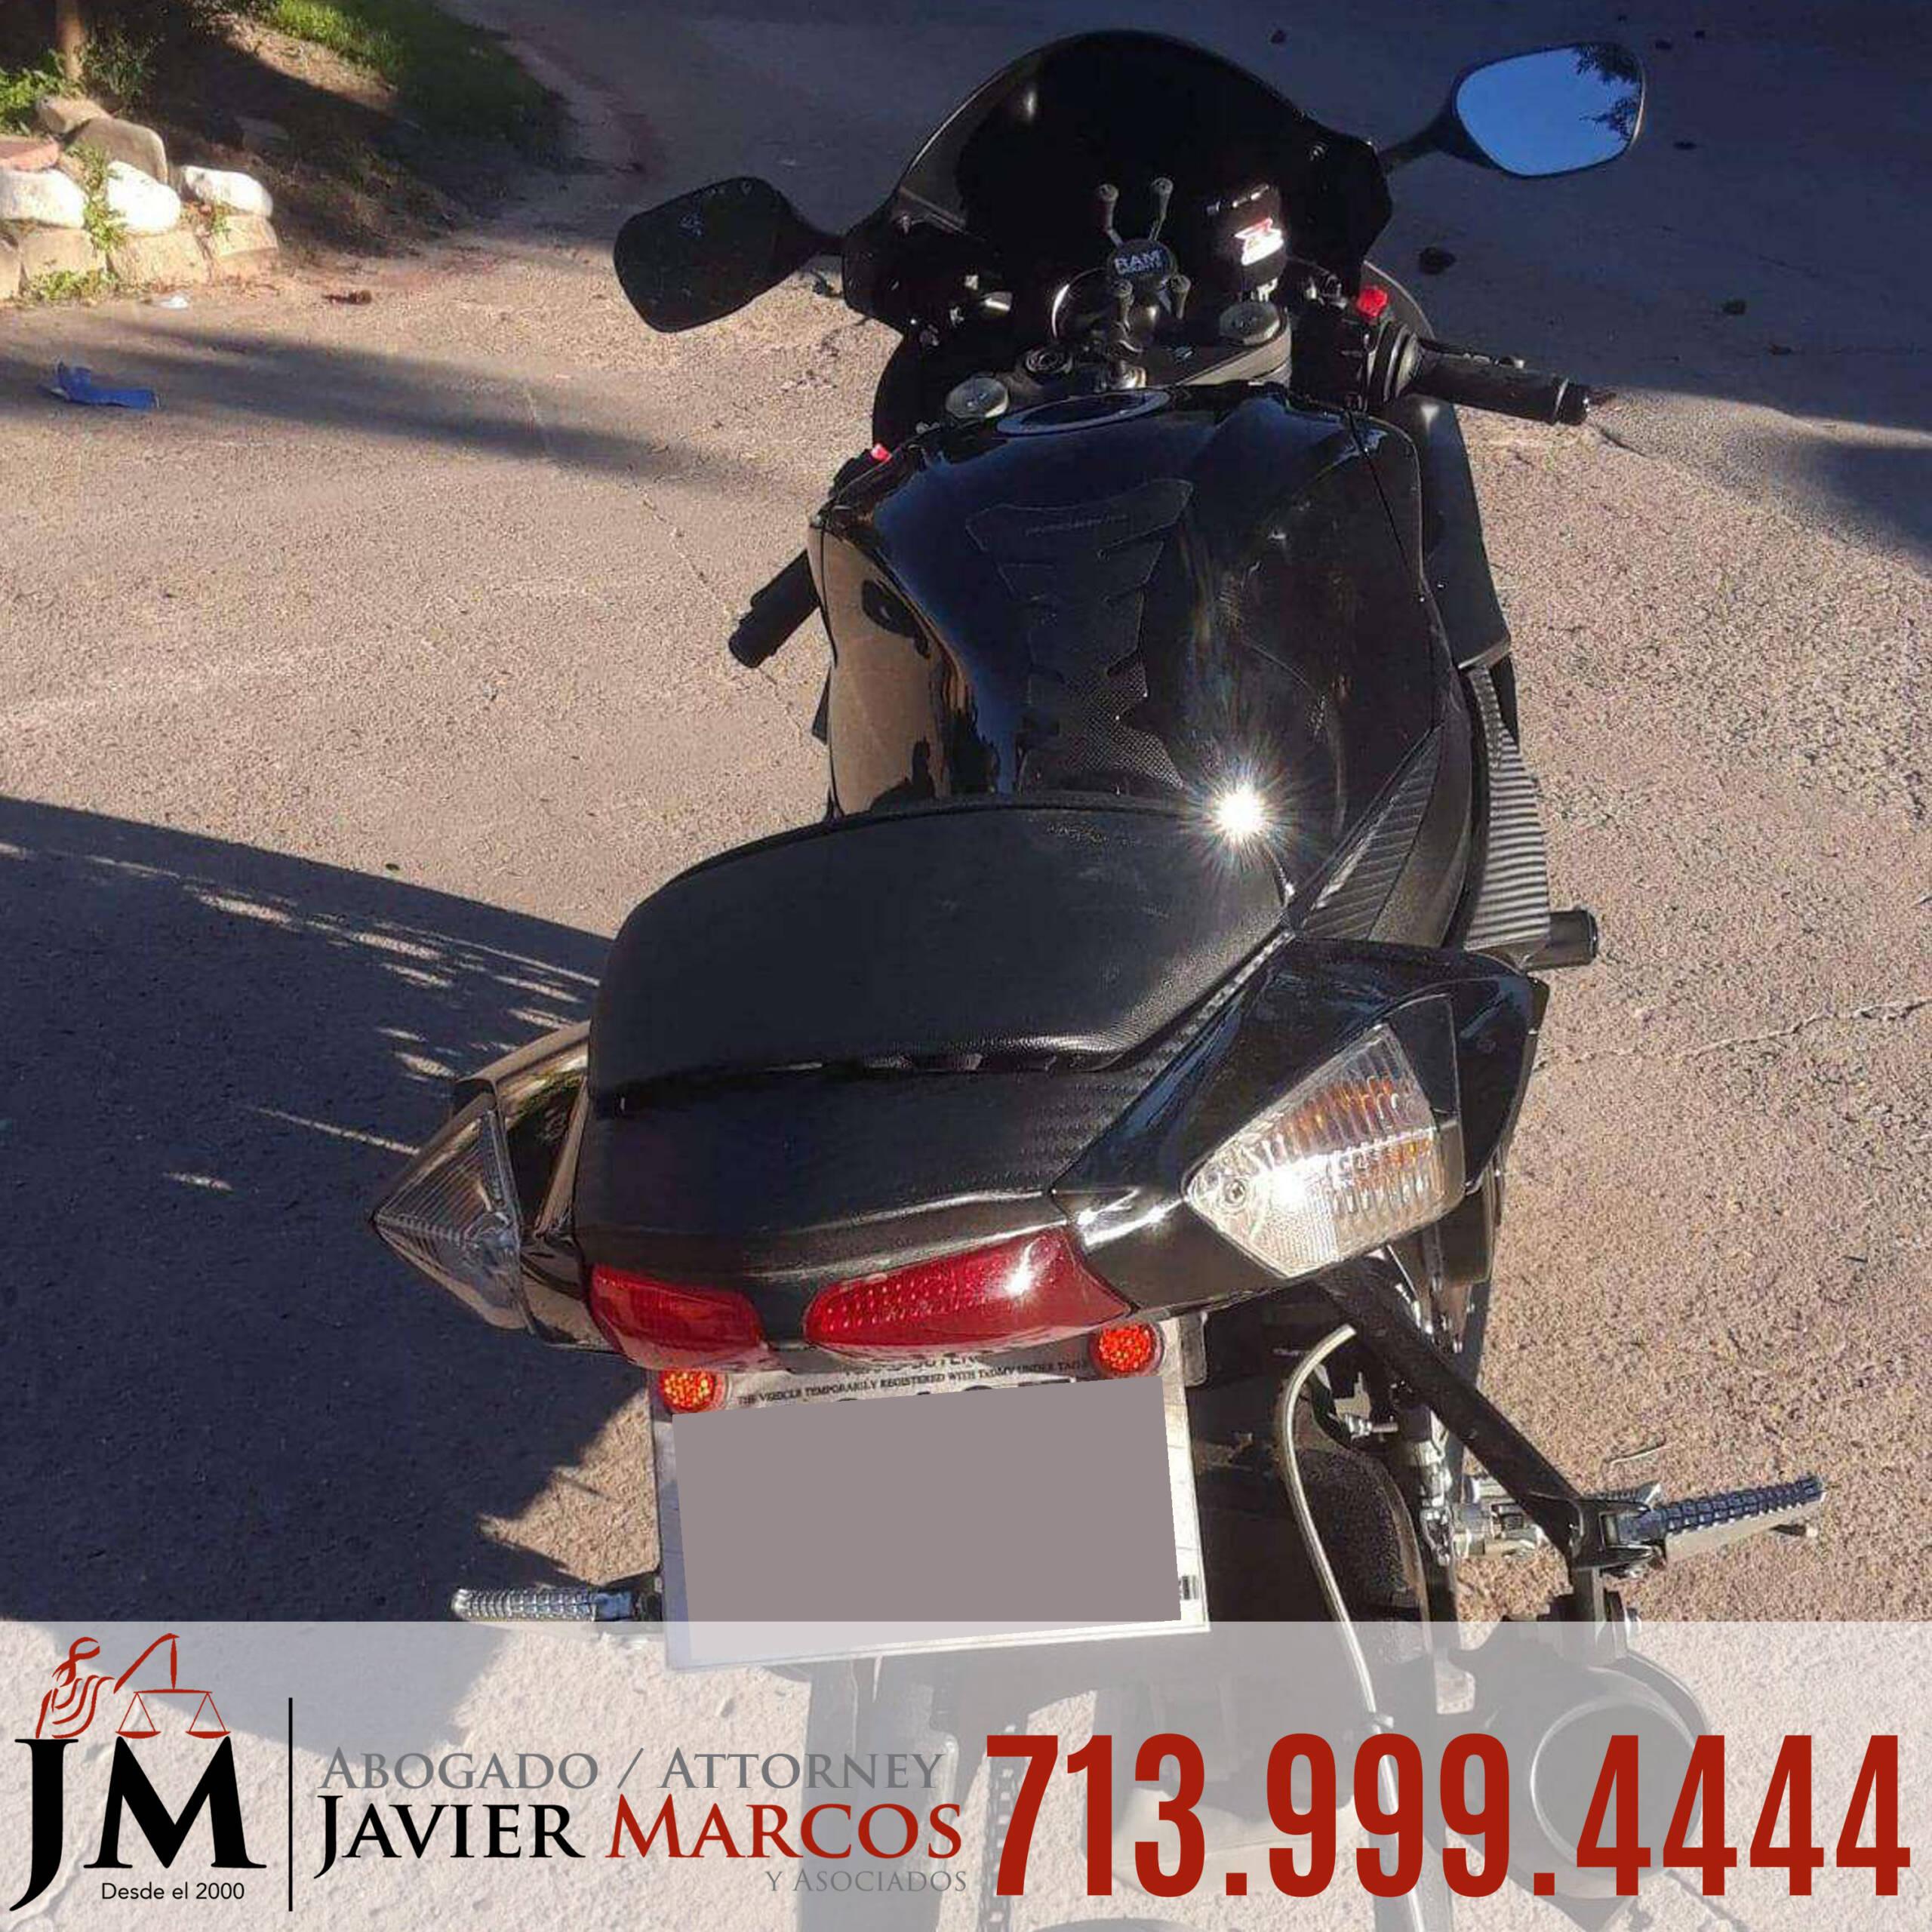 Conducir una motocicleta | Abogado Javier Marcos | 713.999.4444